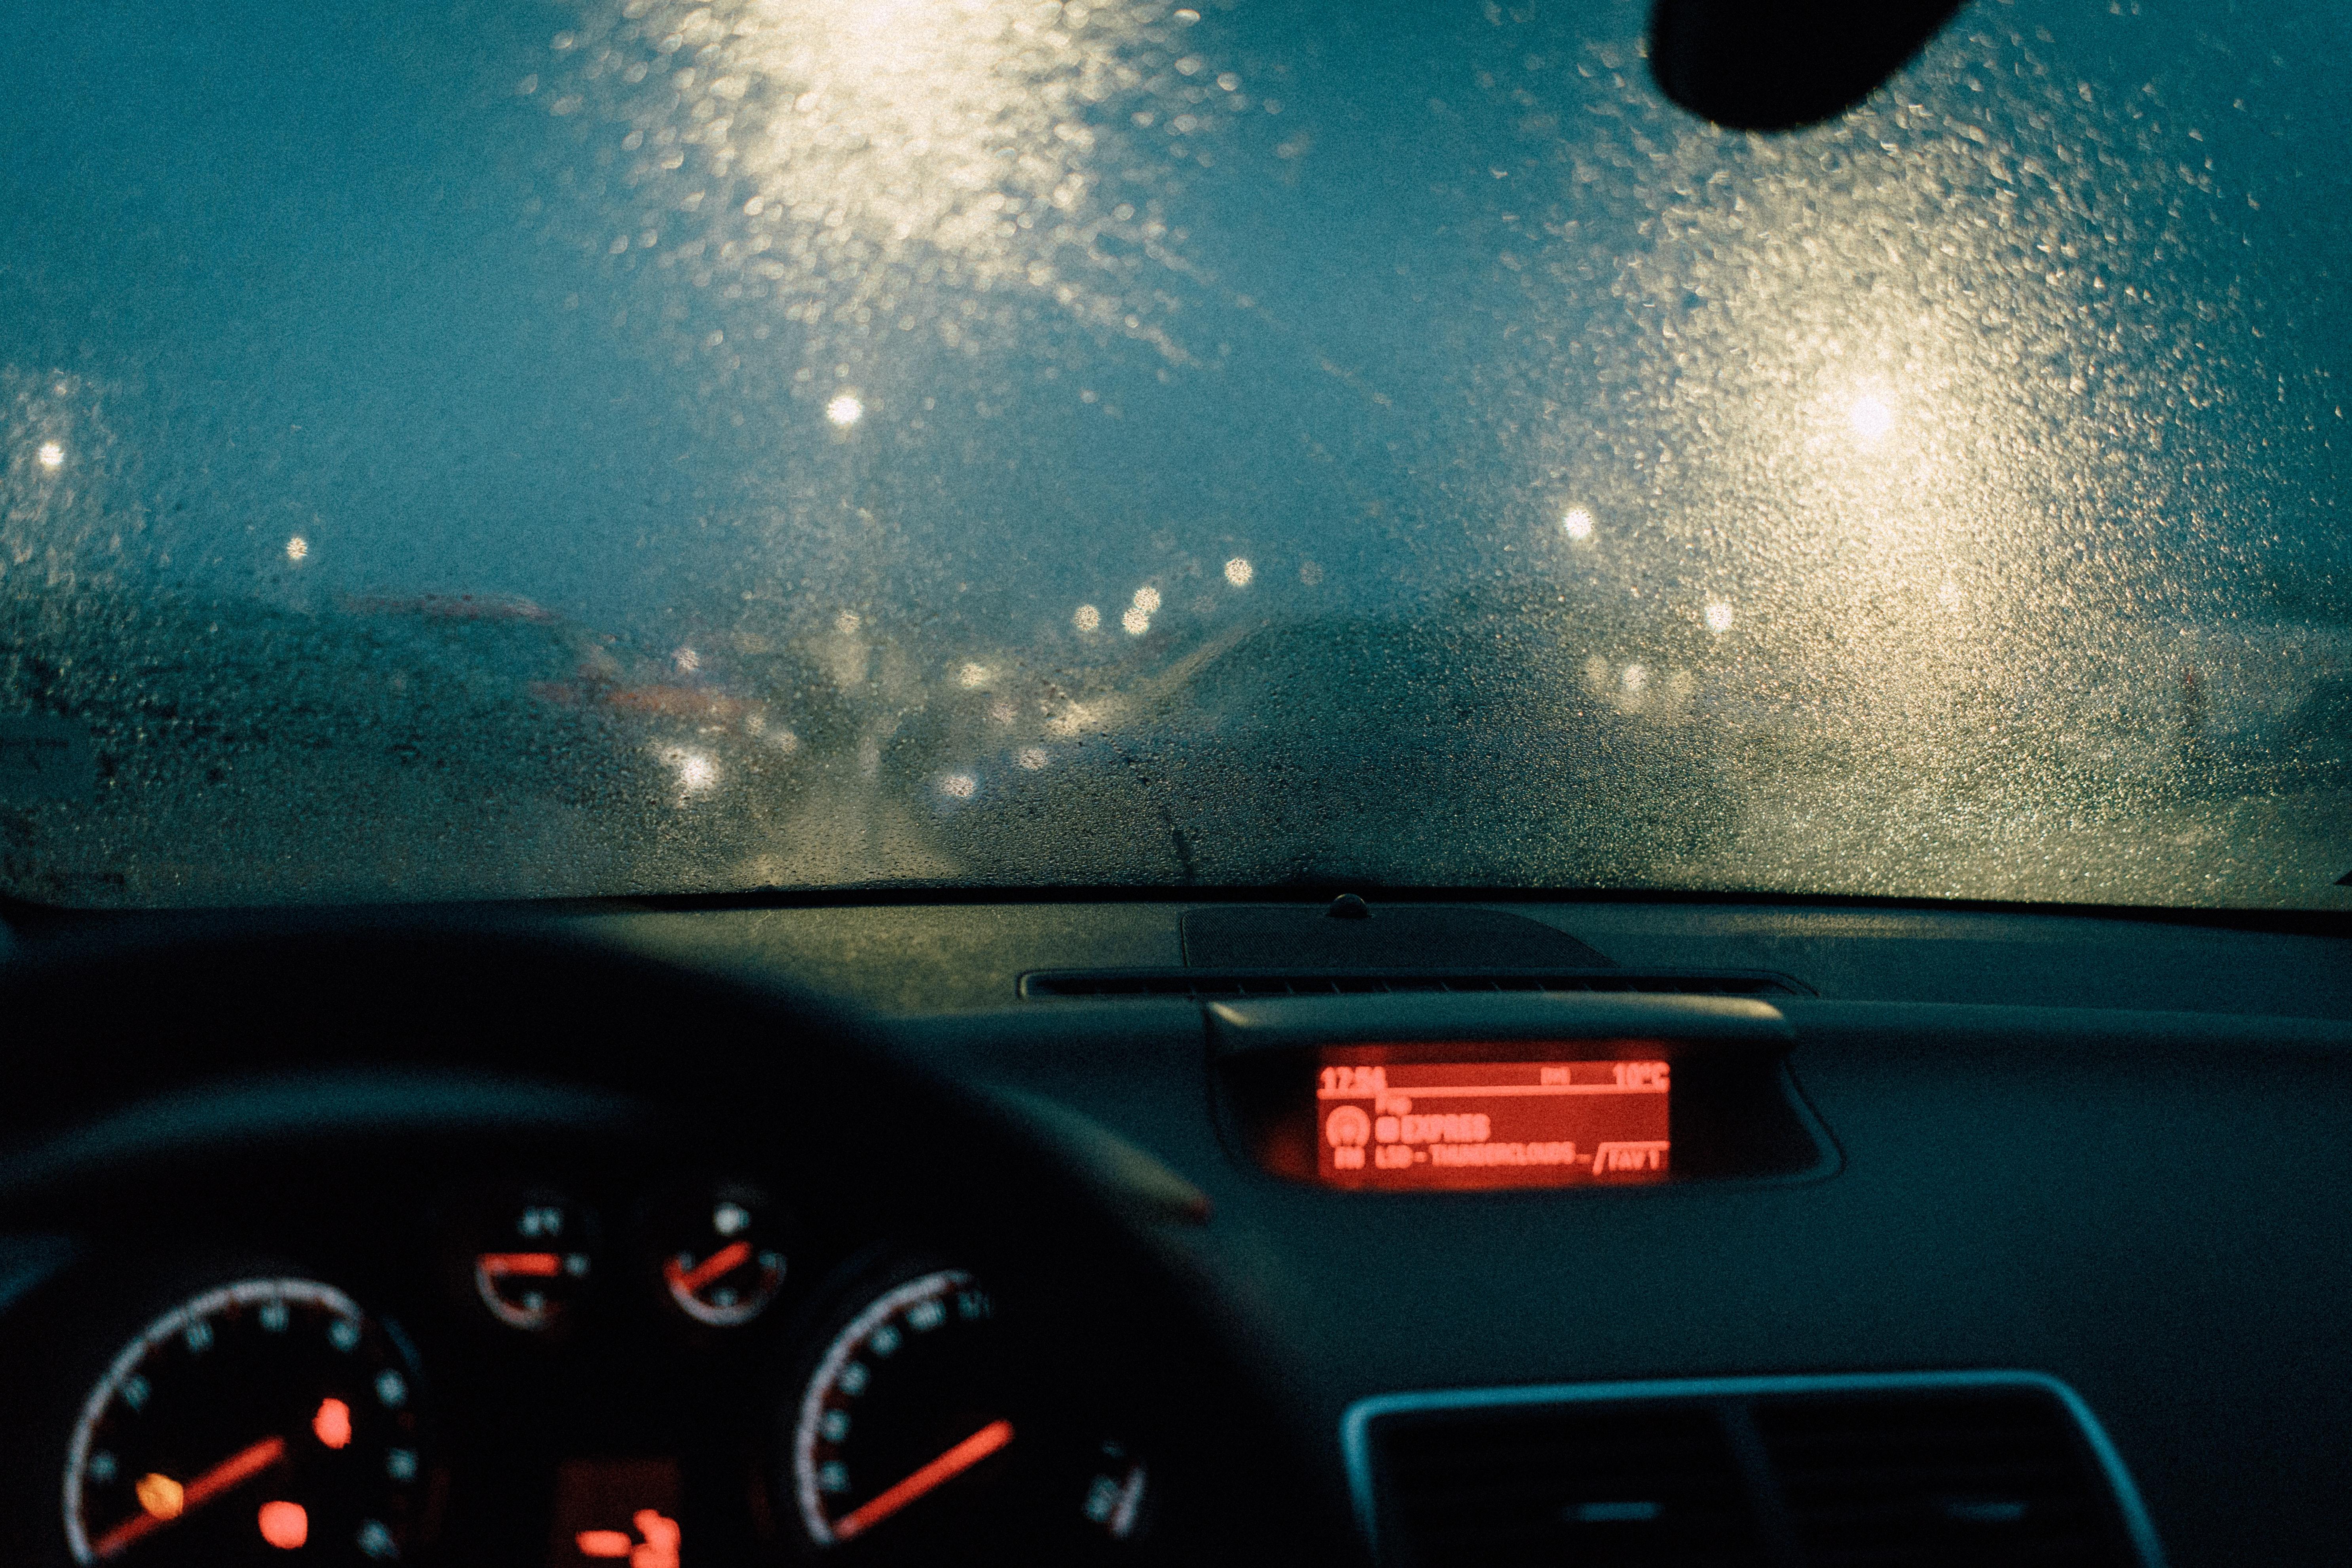 фотографии на стекло машины могут разобраться